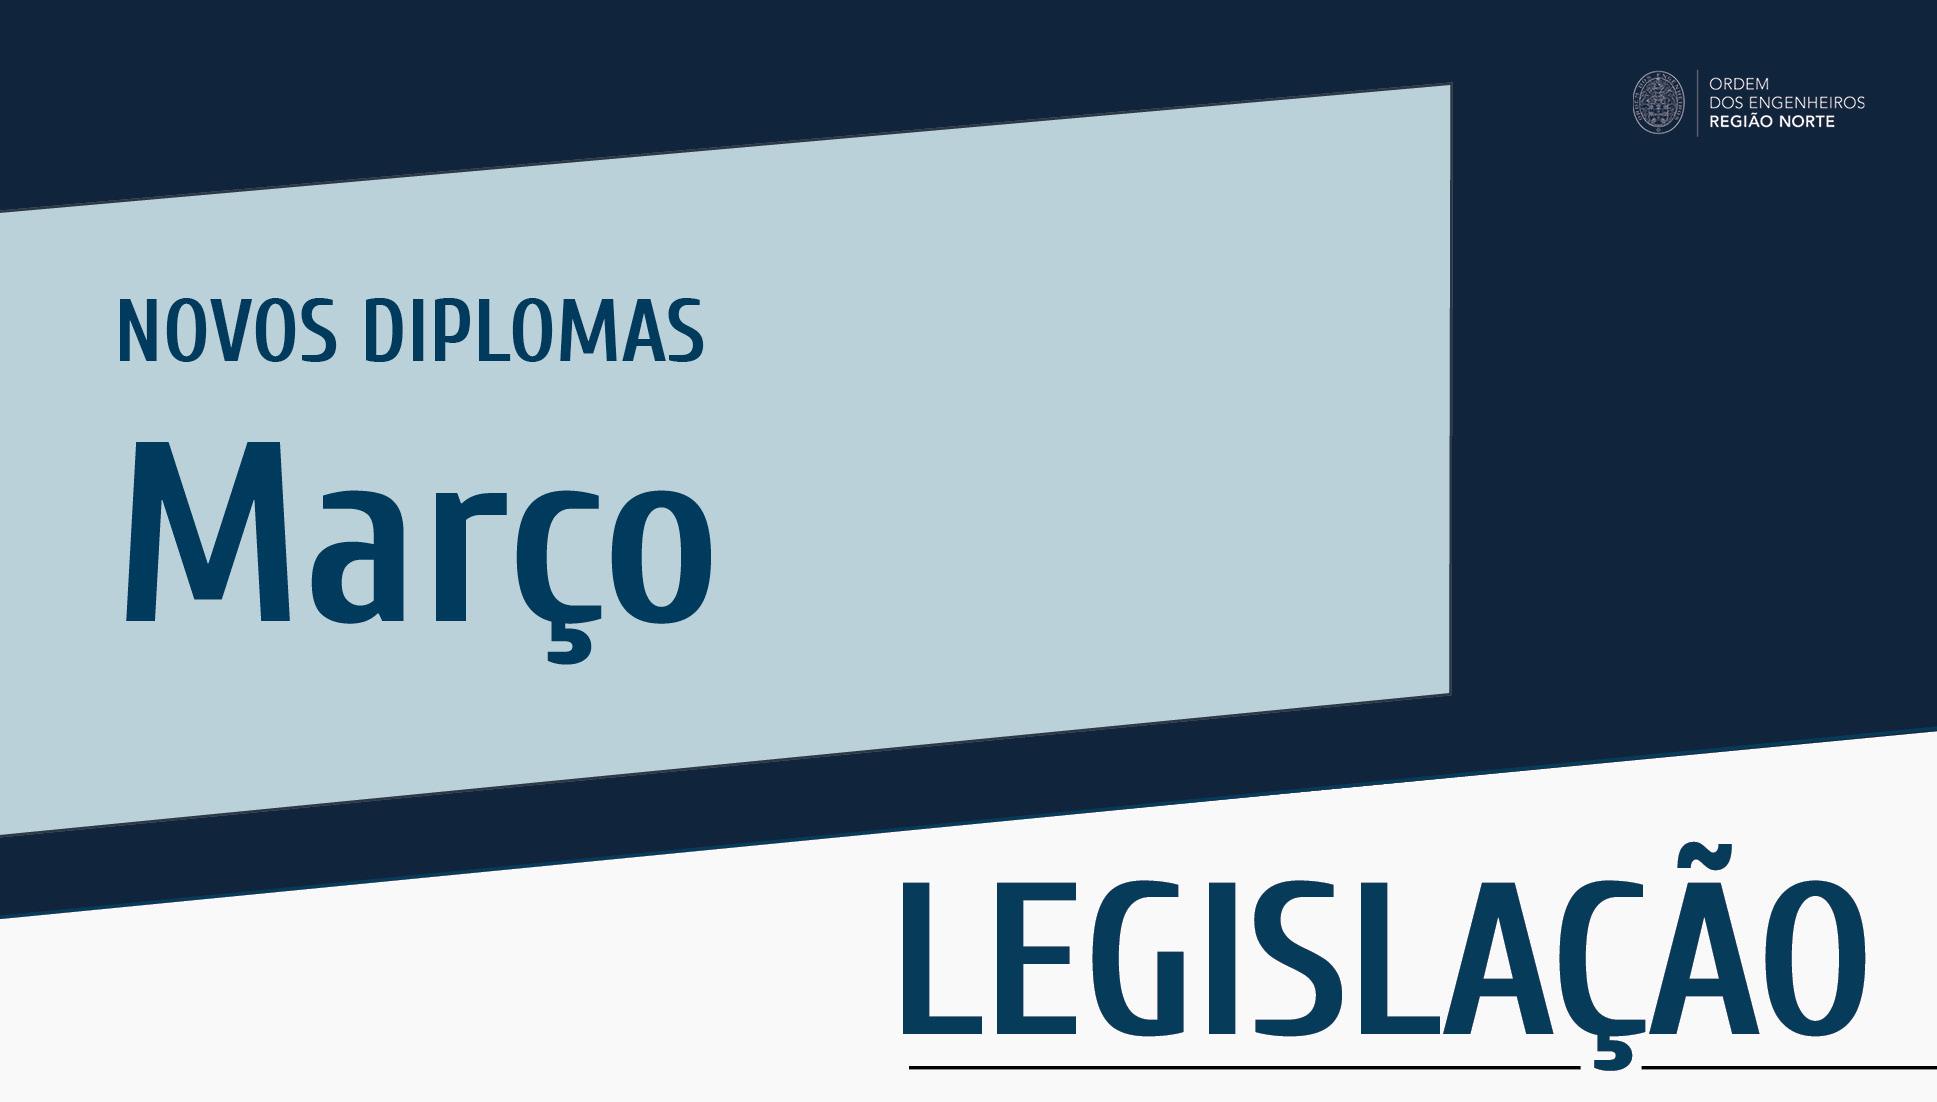 Plataforma Notícias Ordem Engenheiros Região Norte - Novos diplomas do mês de março